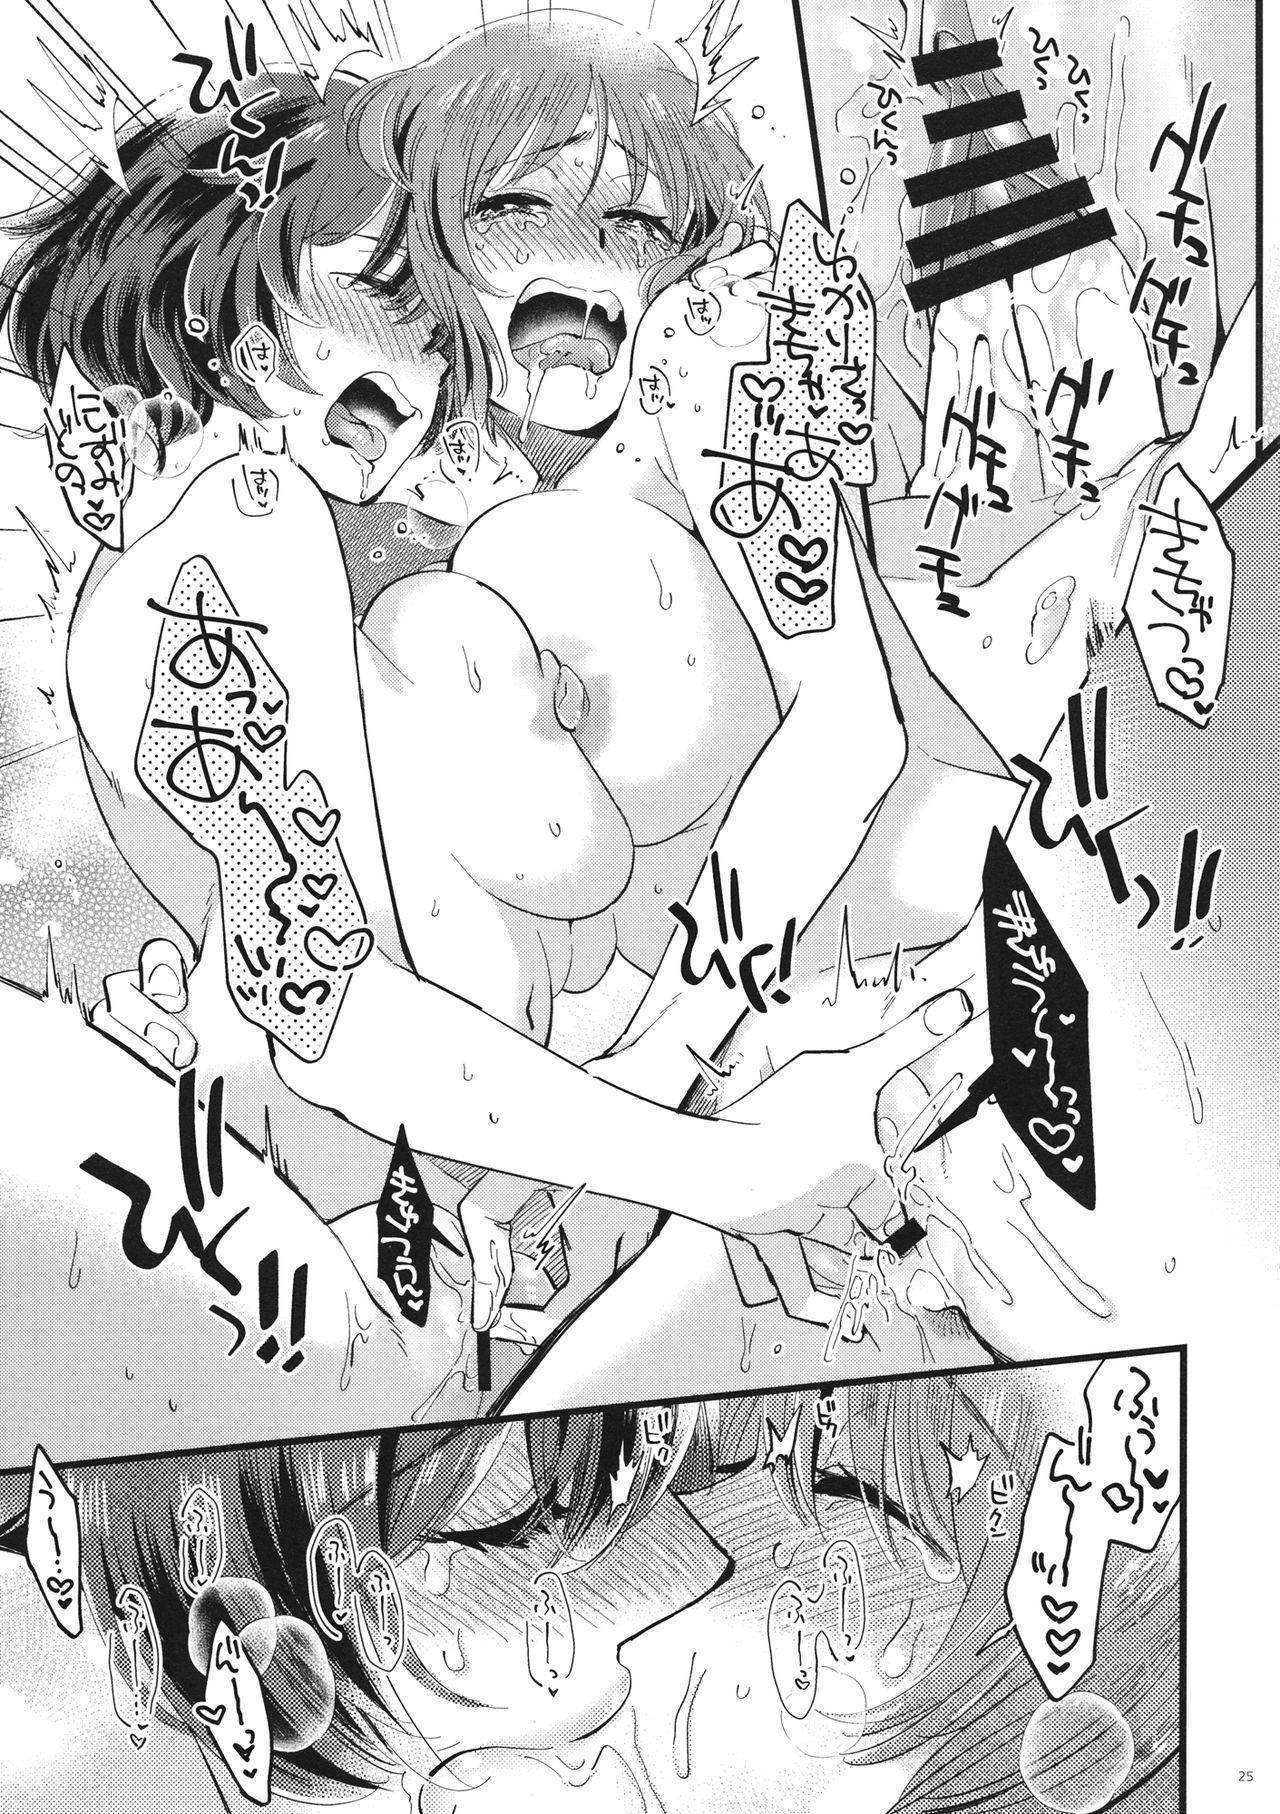 Yasashiku, Sawatte, Oku made Furete. 23